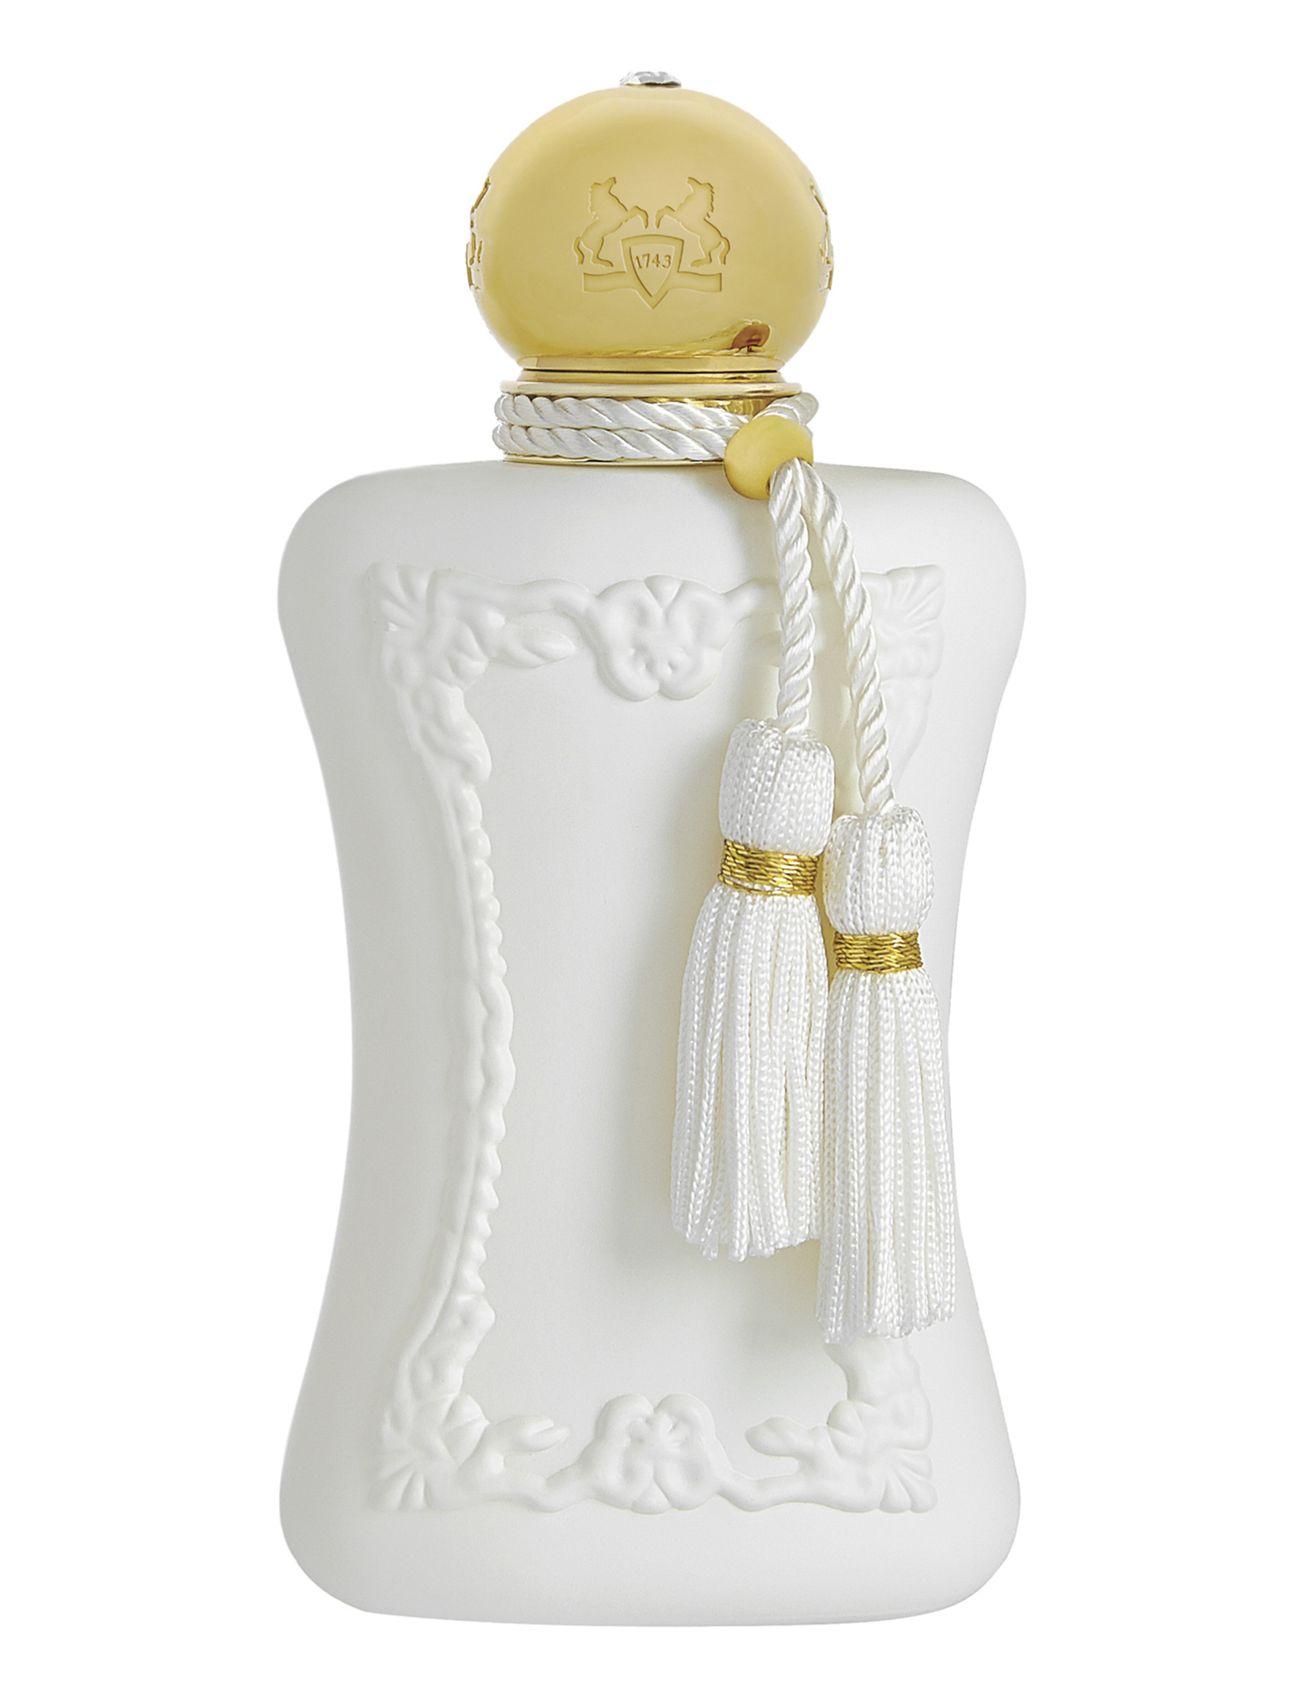 Parfums de Marly SEDBURY EDP 75 ml - CLEAR